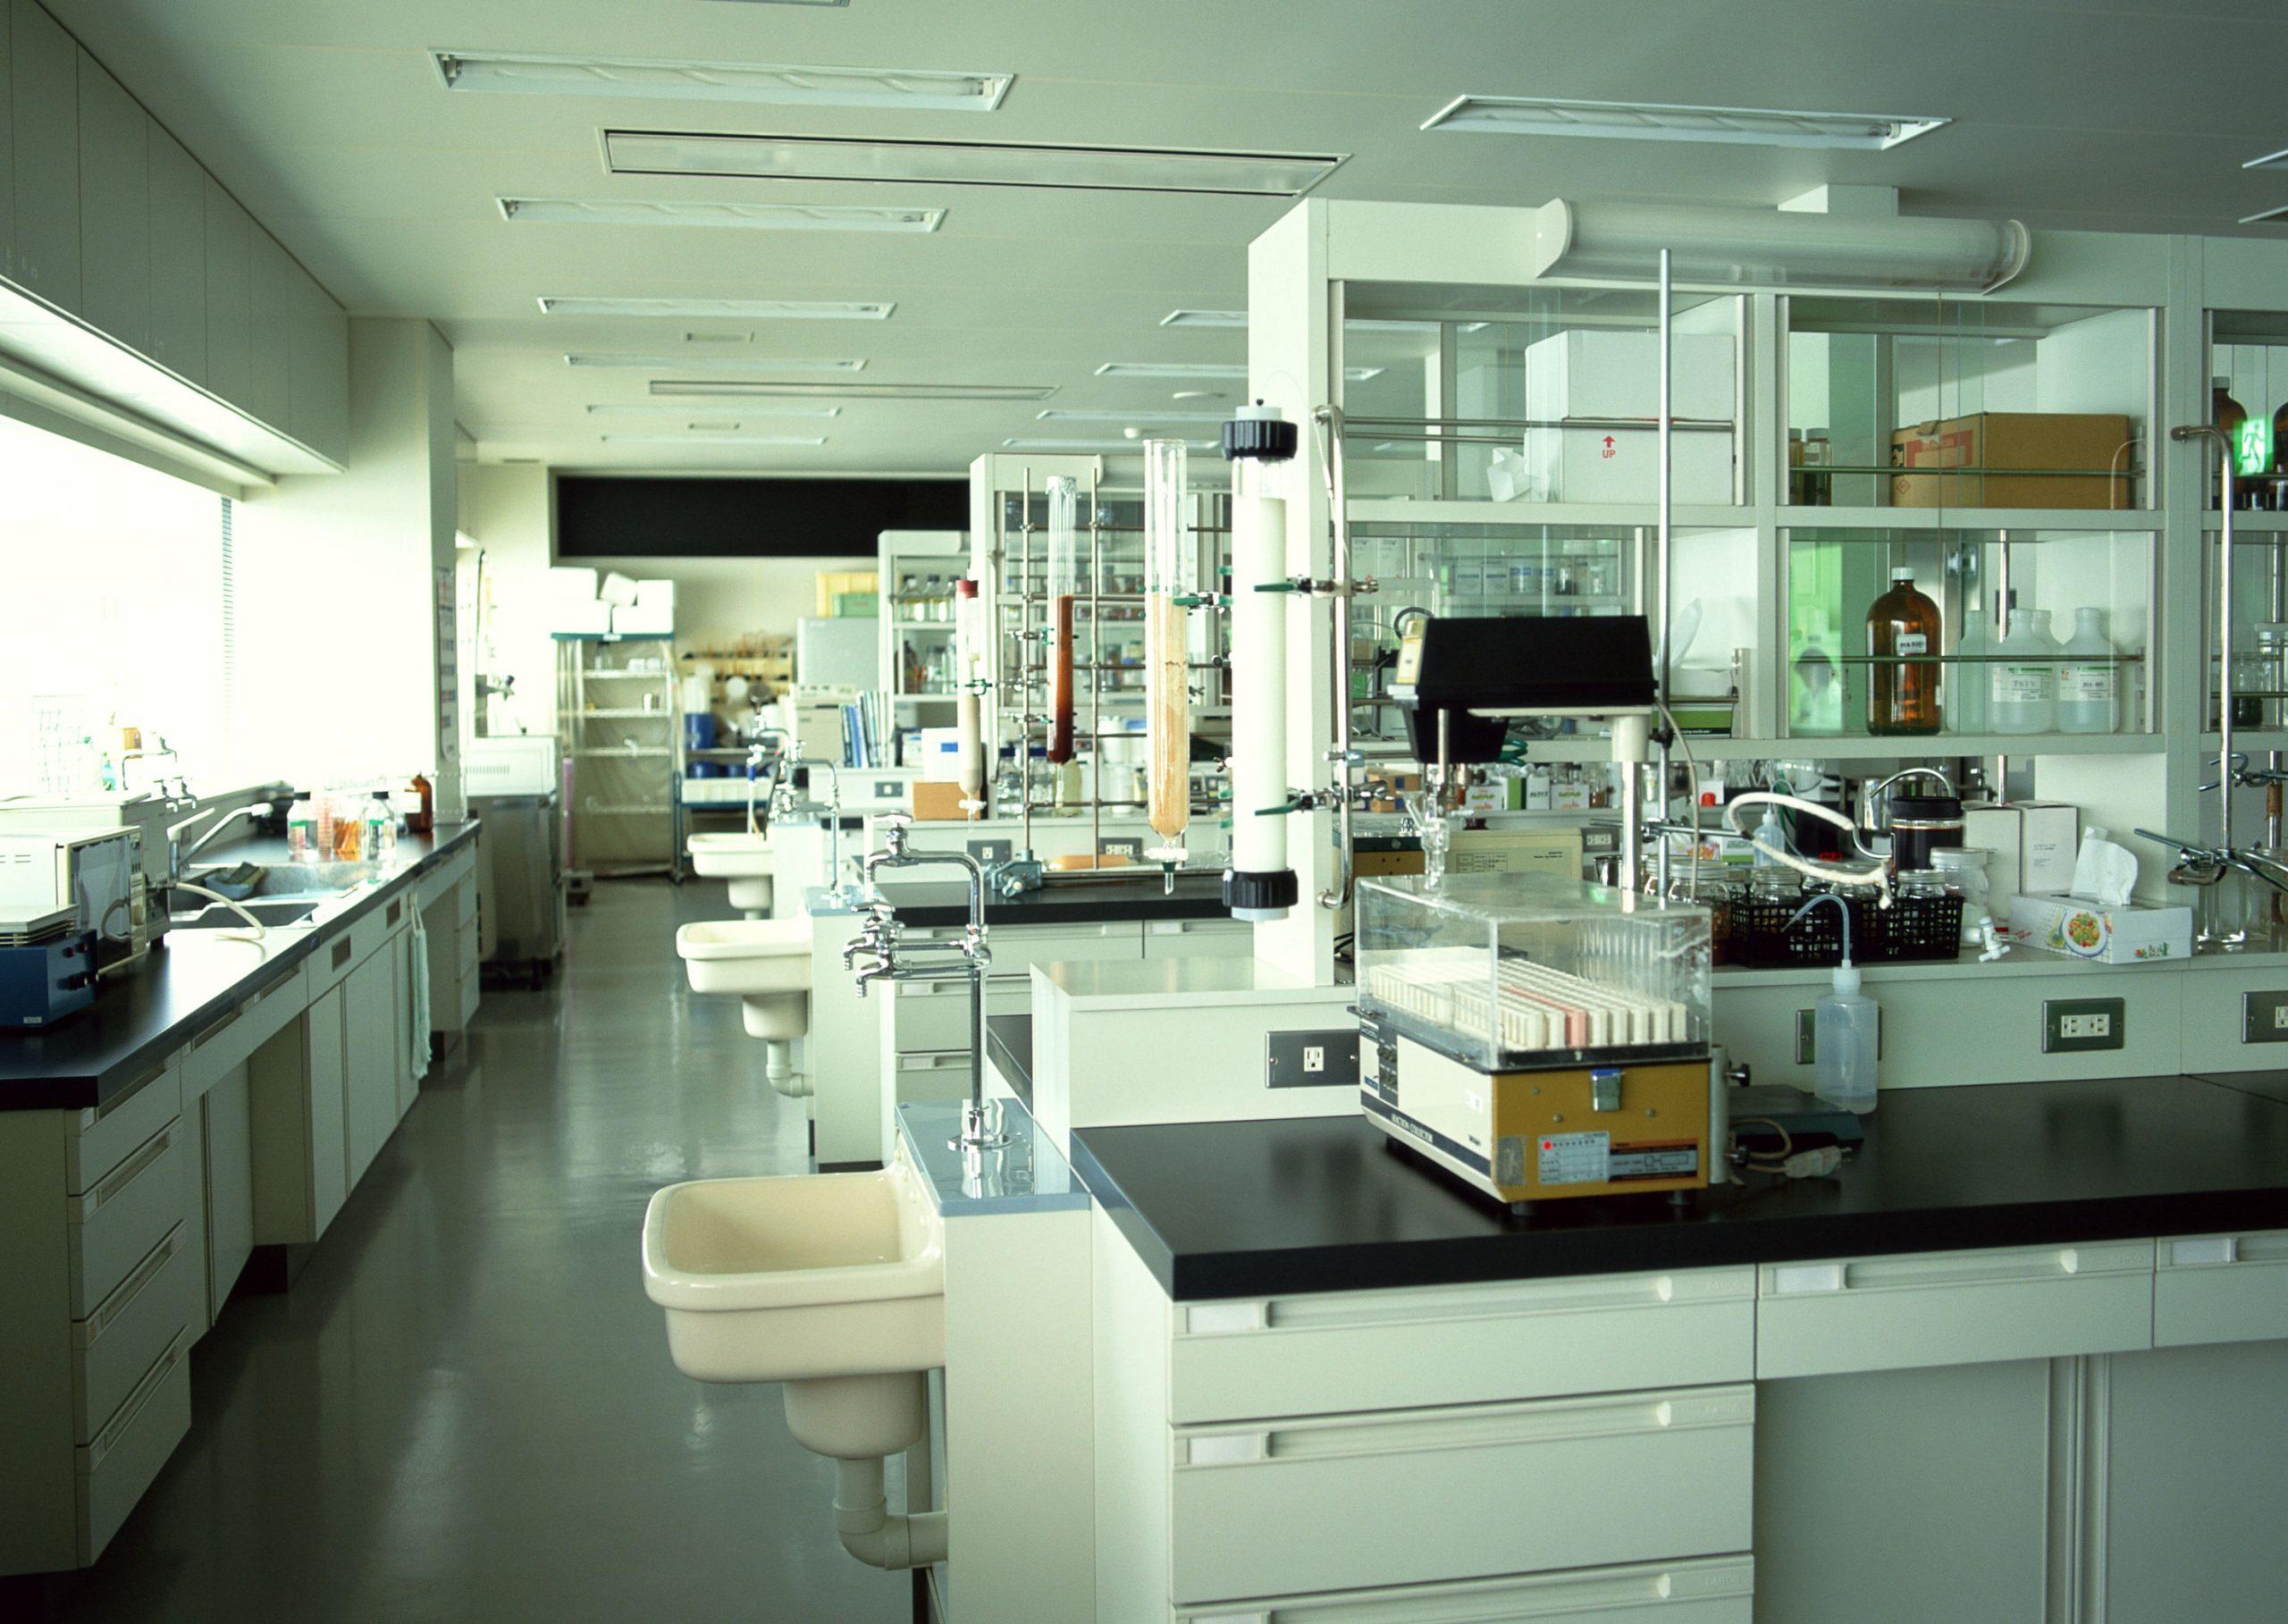 تدقيقات و تفتيشات الأمن و السلامة في المختبرات